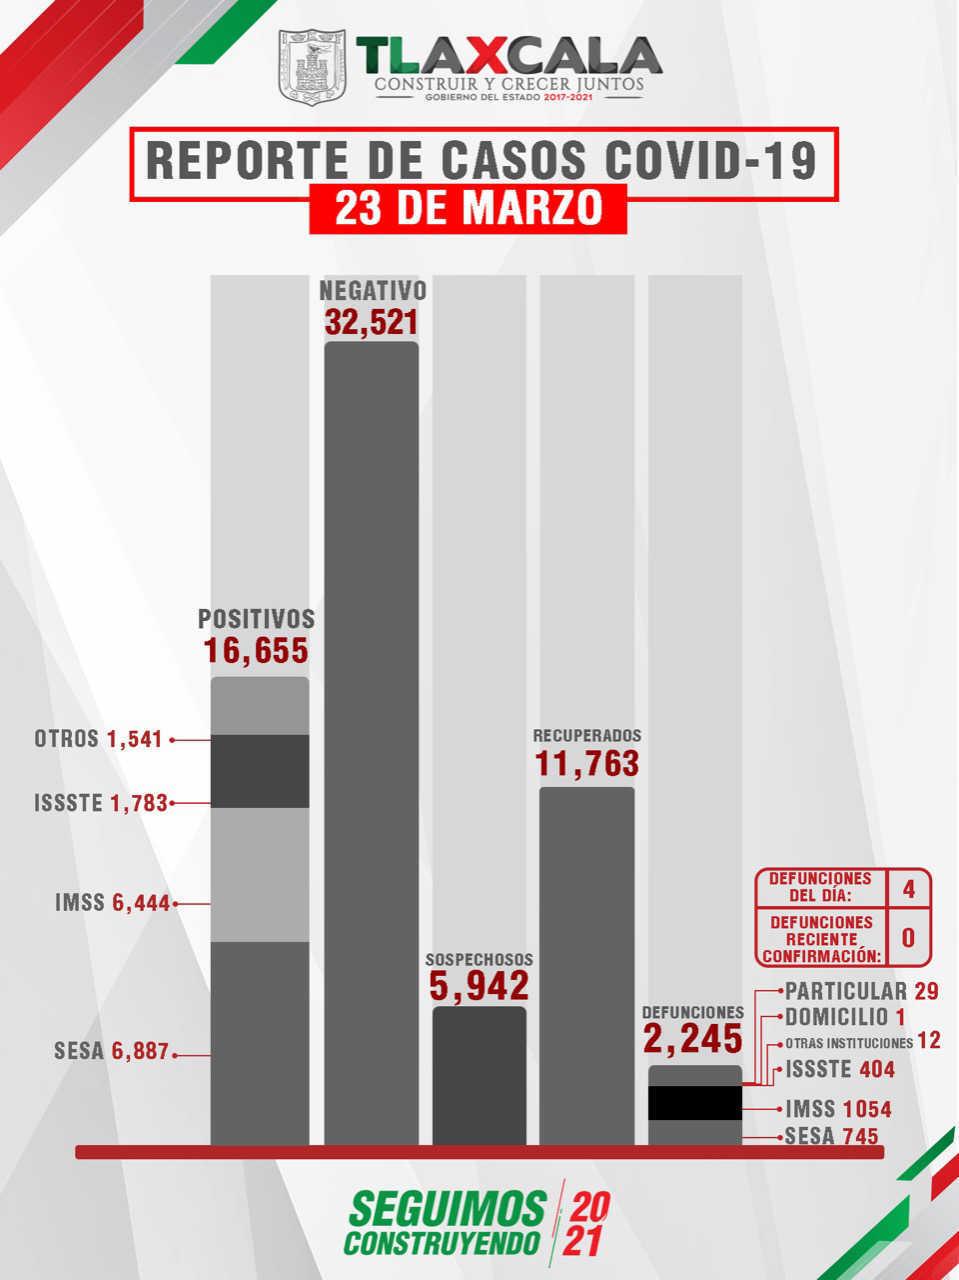 Confirma SESA  4 Defunciones Y 29 Casos Positivos En Tlaxcala De covid-19